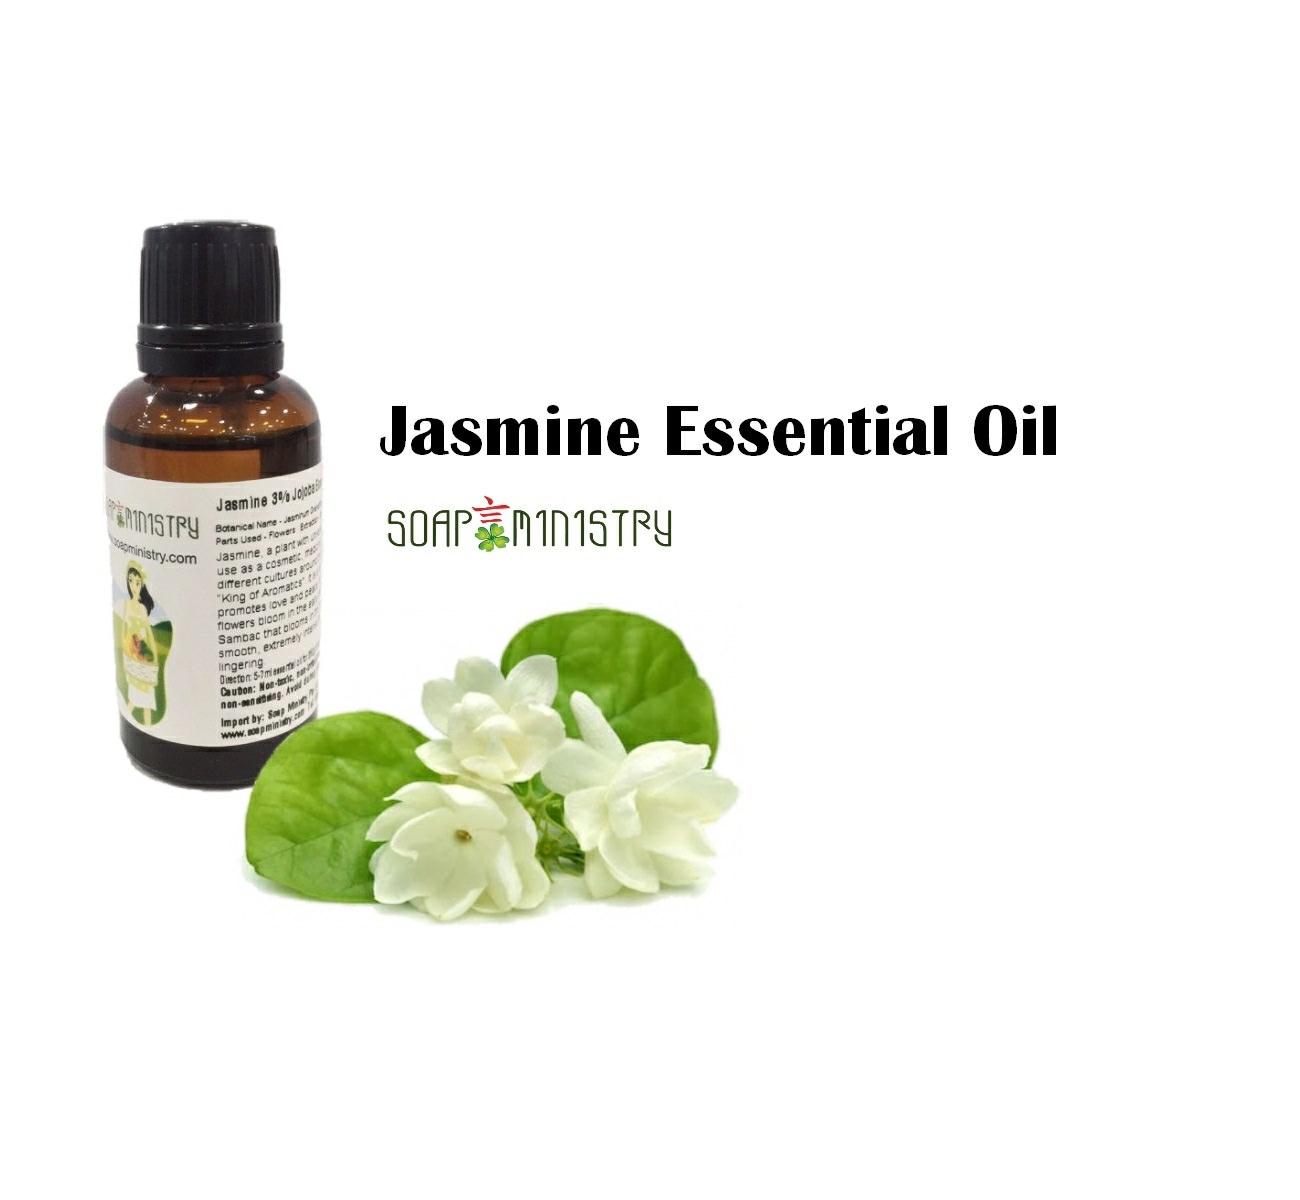 Jasmine 3 Jojoba Essential Oil 100ml